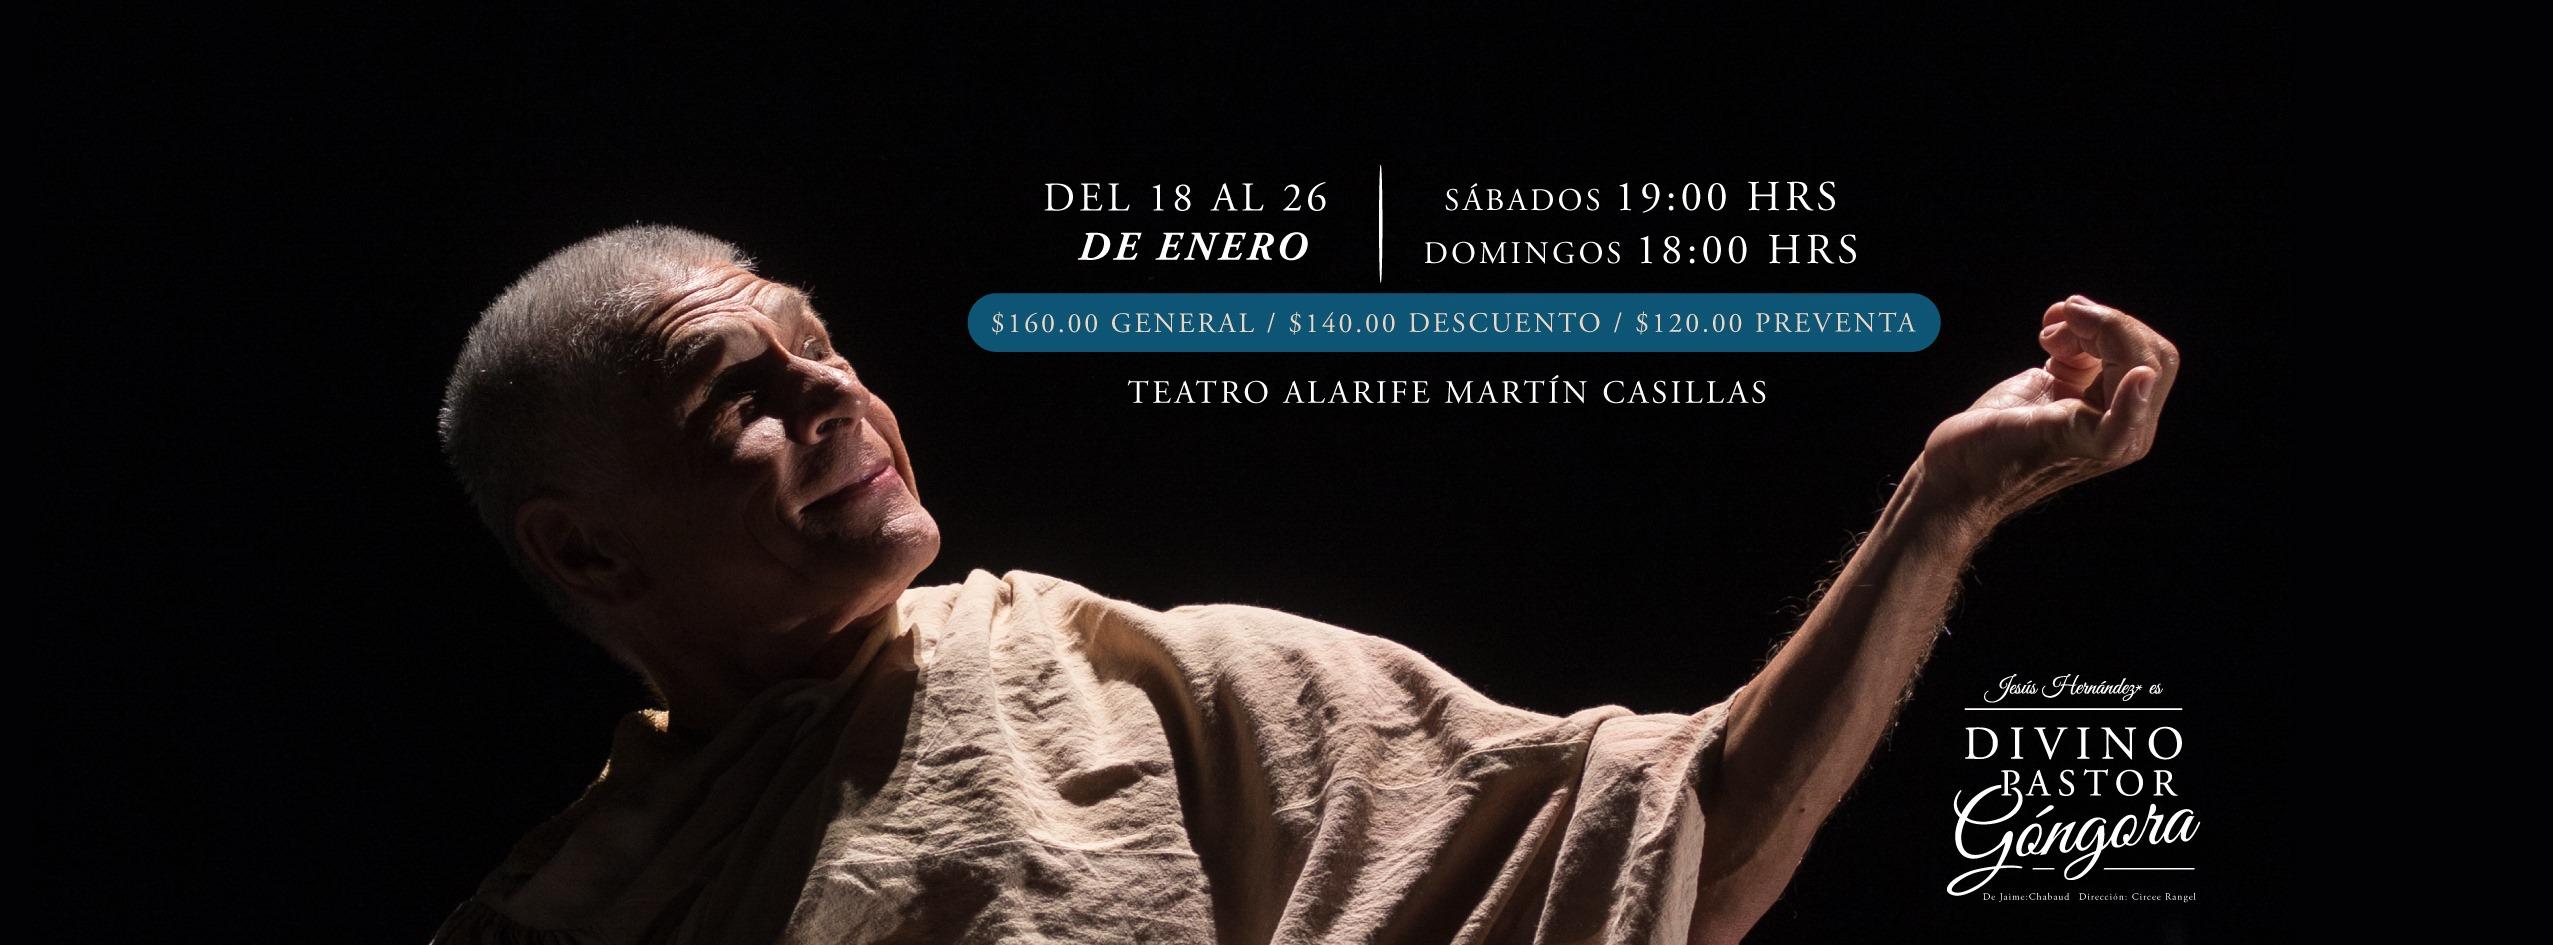 Divino Pastor Góngora - Del 18 al 26 de Enero en Teatro Alarife Martin Casillas